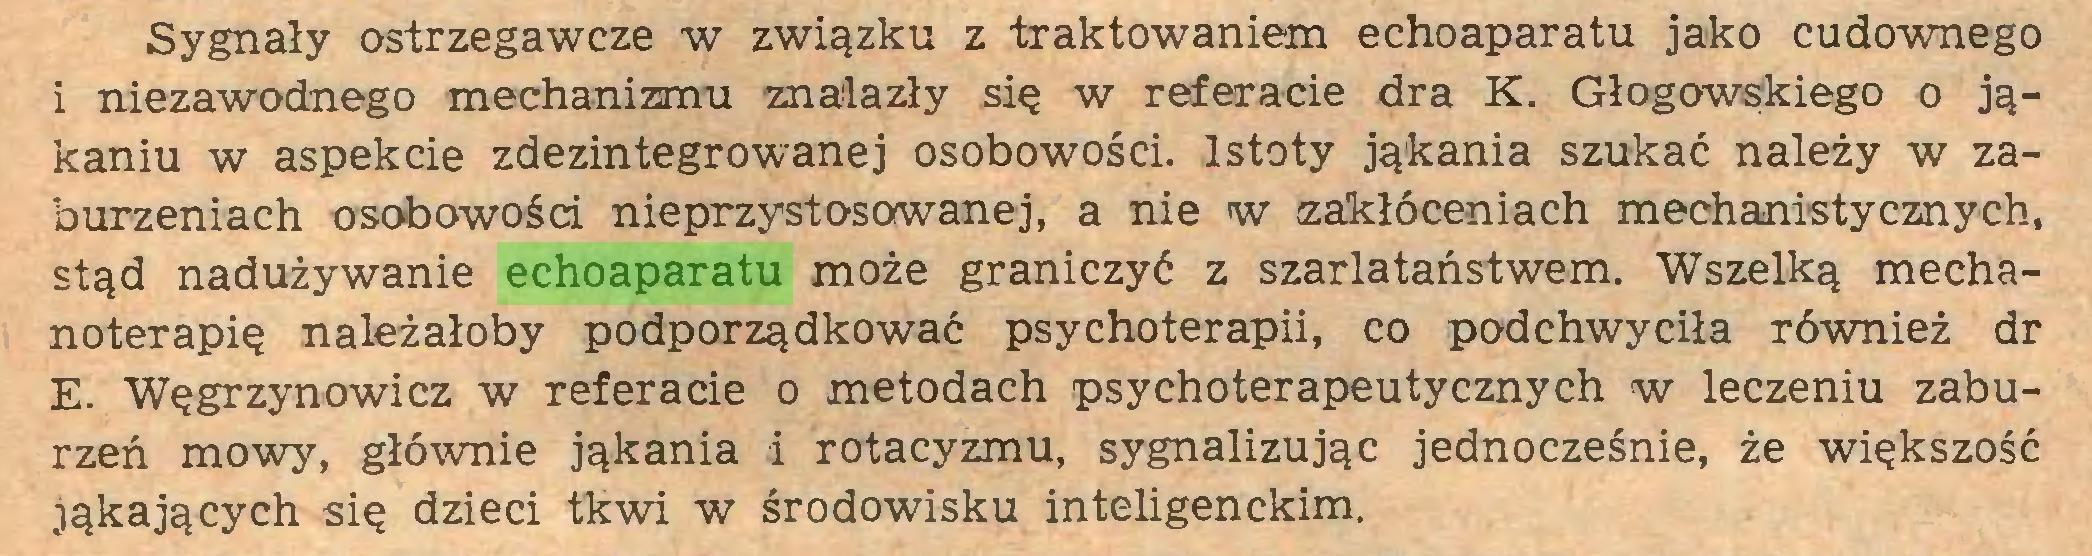 (...) Sygnały ostrzegawcze w związku z traktowaniem echoaparatu jako cudownego 1 niezawodnego mechanizmu znalazły się w referacie dra K. Głogowskiego o jąkaniu w aspekcie zdezintegrowanej osobowości. Istoty jąkania szukać należy w zaburzeniach osobowości nieprzystosowanej, a nie w zakłóceniach mechanistycznych, stąd nadużywanie echoaparatu może graniczyć z szarlataństwem. Wszelką mechanoterapię należałoby podporządkować psychoterapii, co podchwyciła również dr E. Węgrzynowicz w referacie o metodach psychoterapeutycznych w leczeniu zaburzeń mowy, głównie jąkania i rotacyzmu, sygnalizując jednocześnie, że większość jąkających się dzieci tkwi w środowisku inteligenckim...